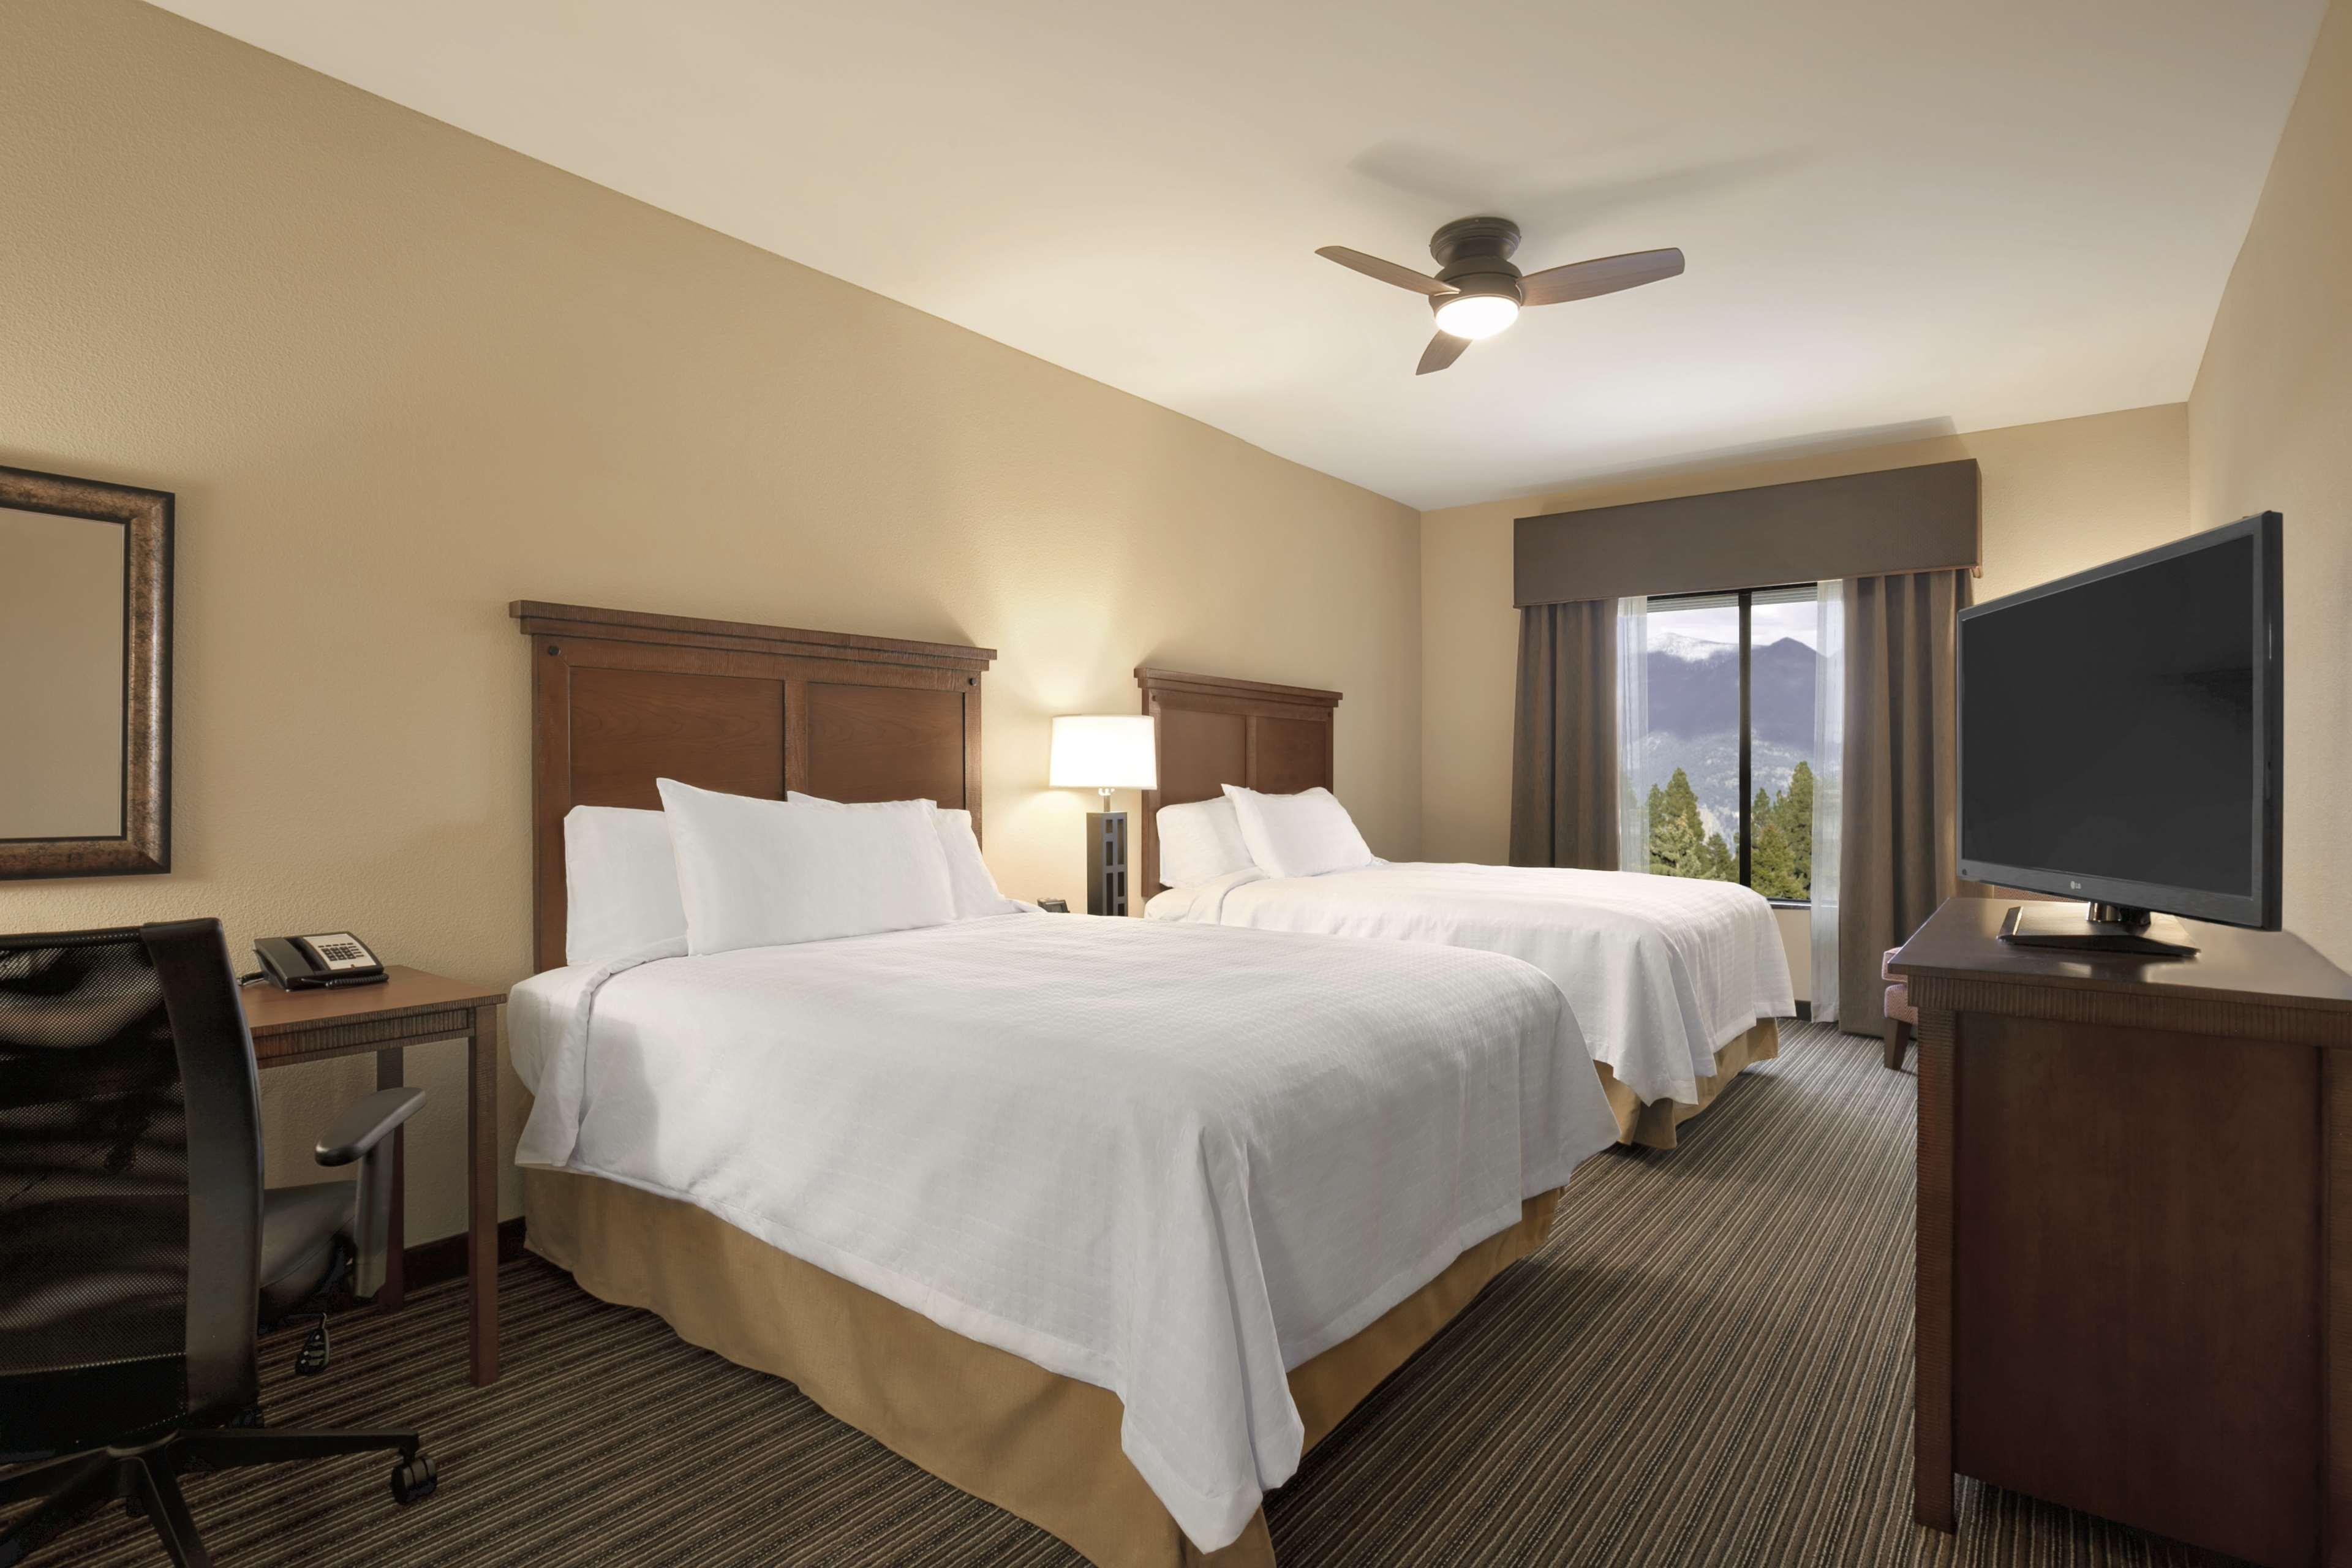 Homewood Suites by Hilton Kalispell, MT image 11